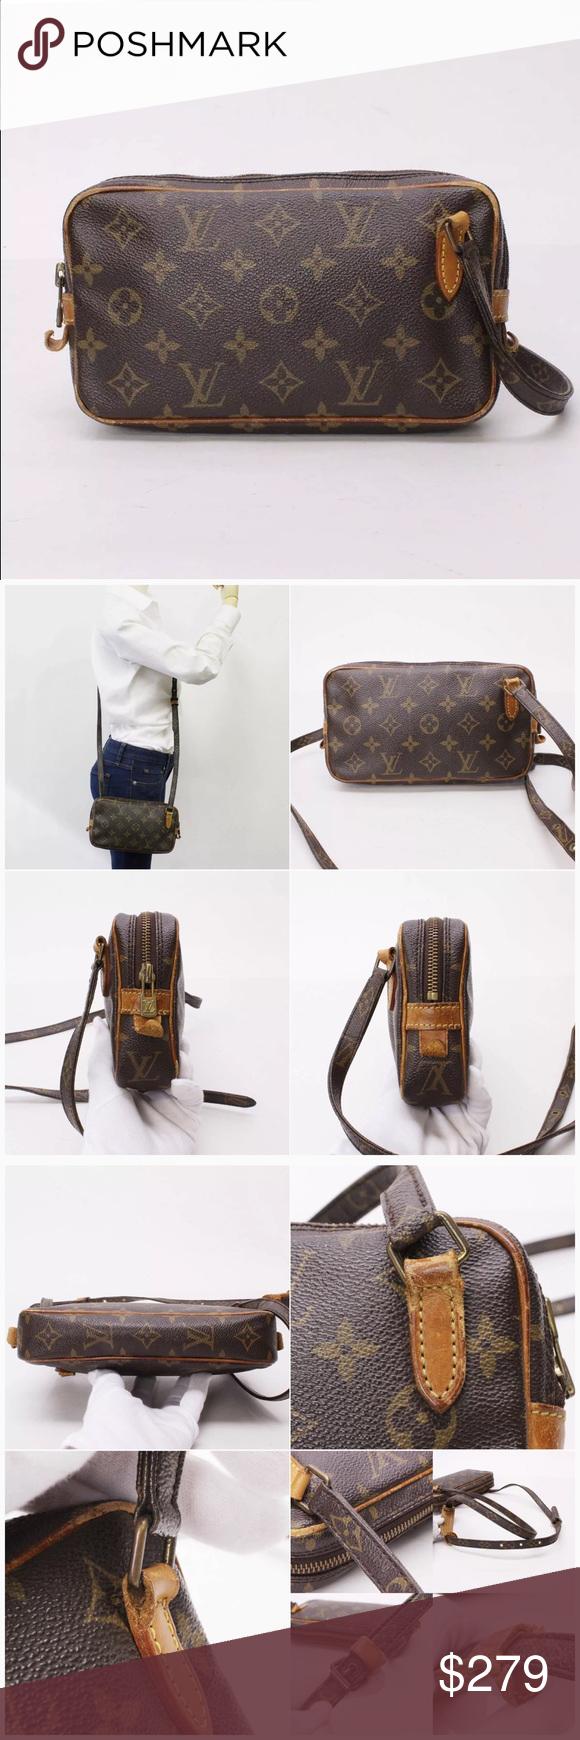 1de07373aced 💯Authentic Louis Vuitton Marly Bandouliere bag 100% Authentic! Cross body  vintage Leather trims